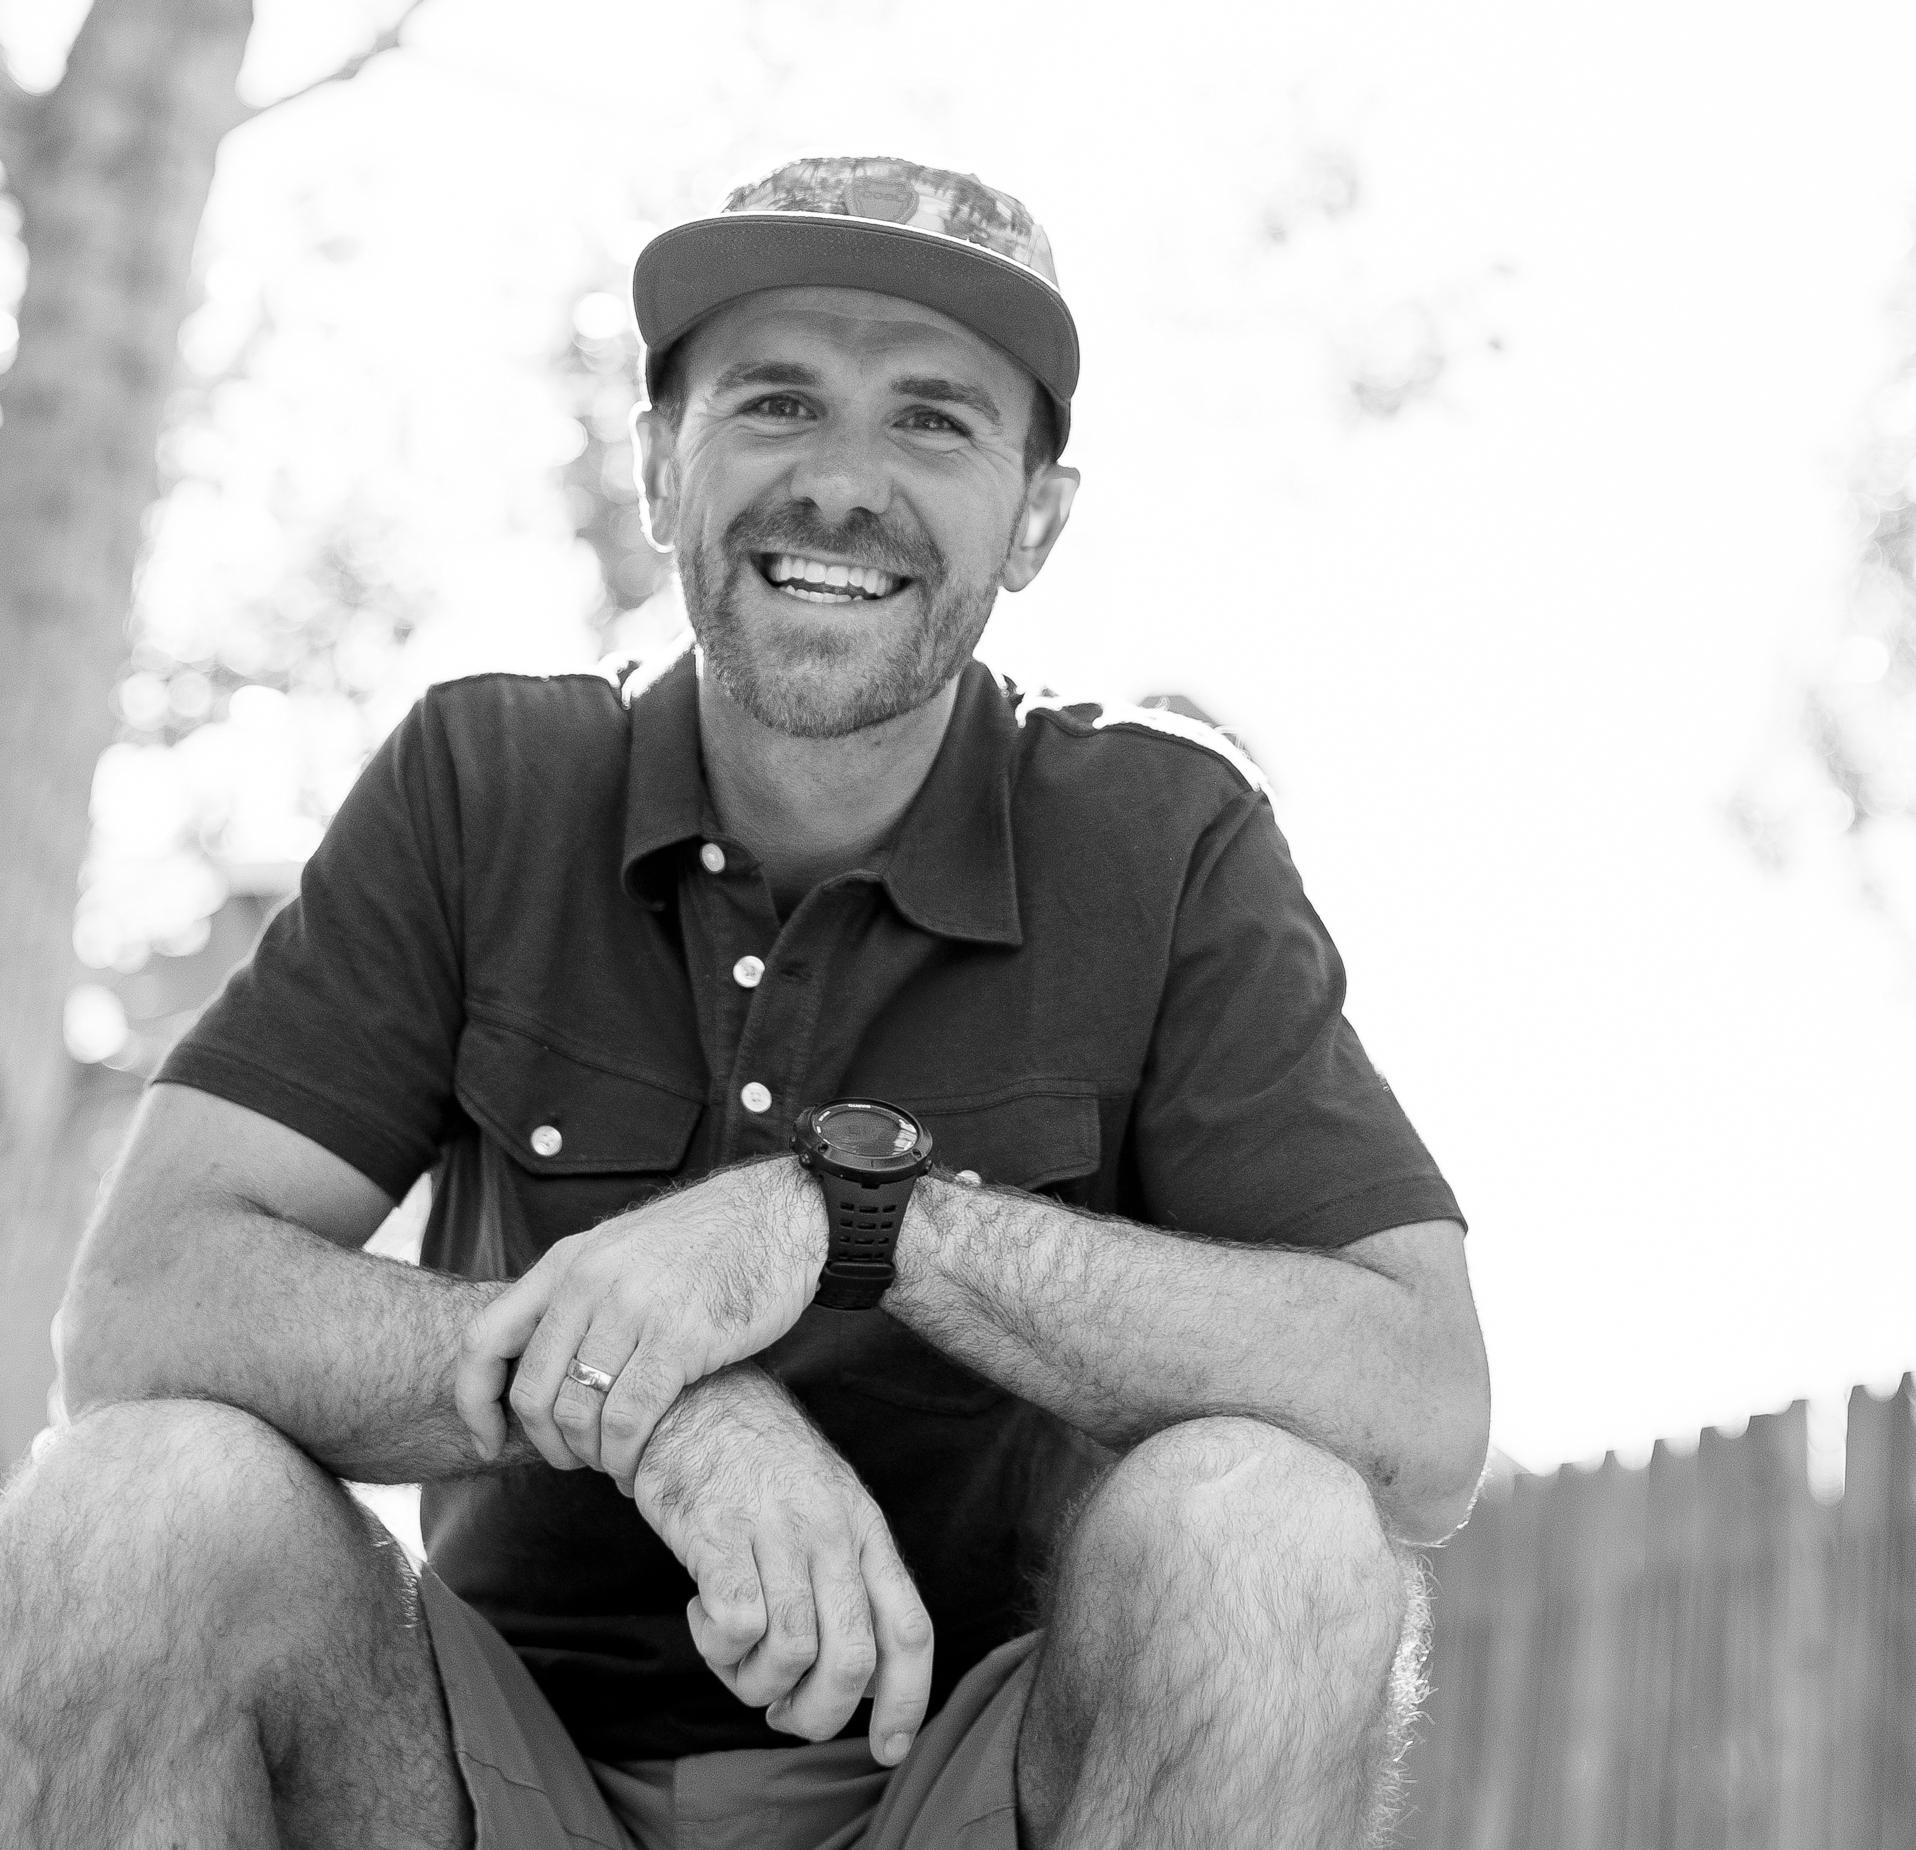 Matt Trappe - Director/Photographer